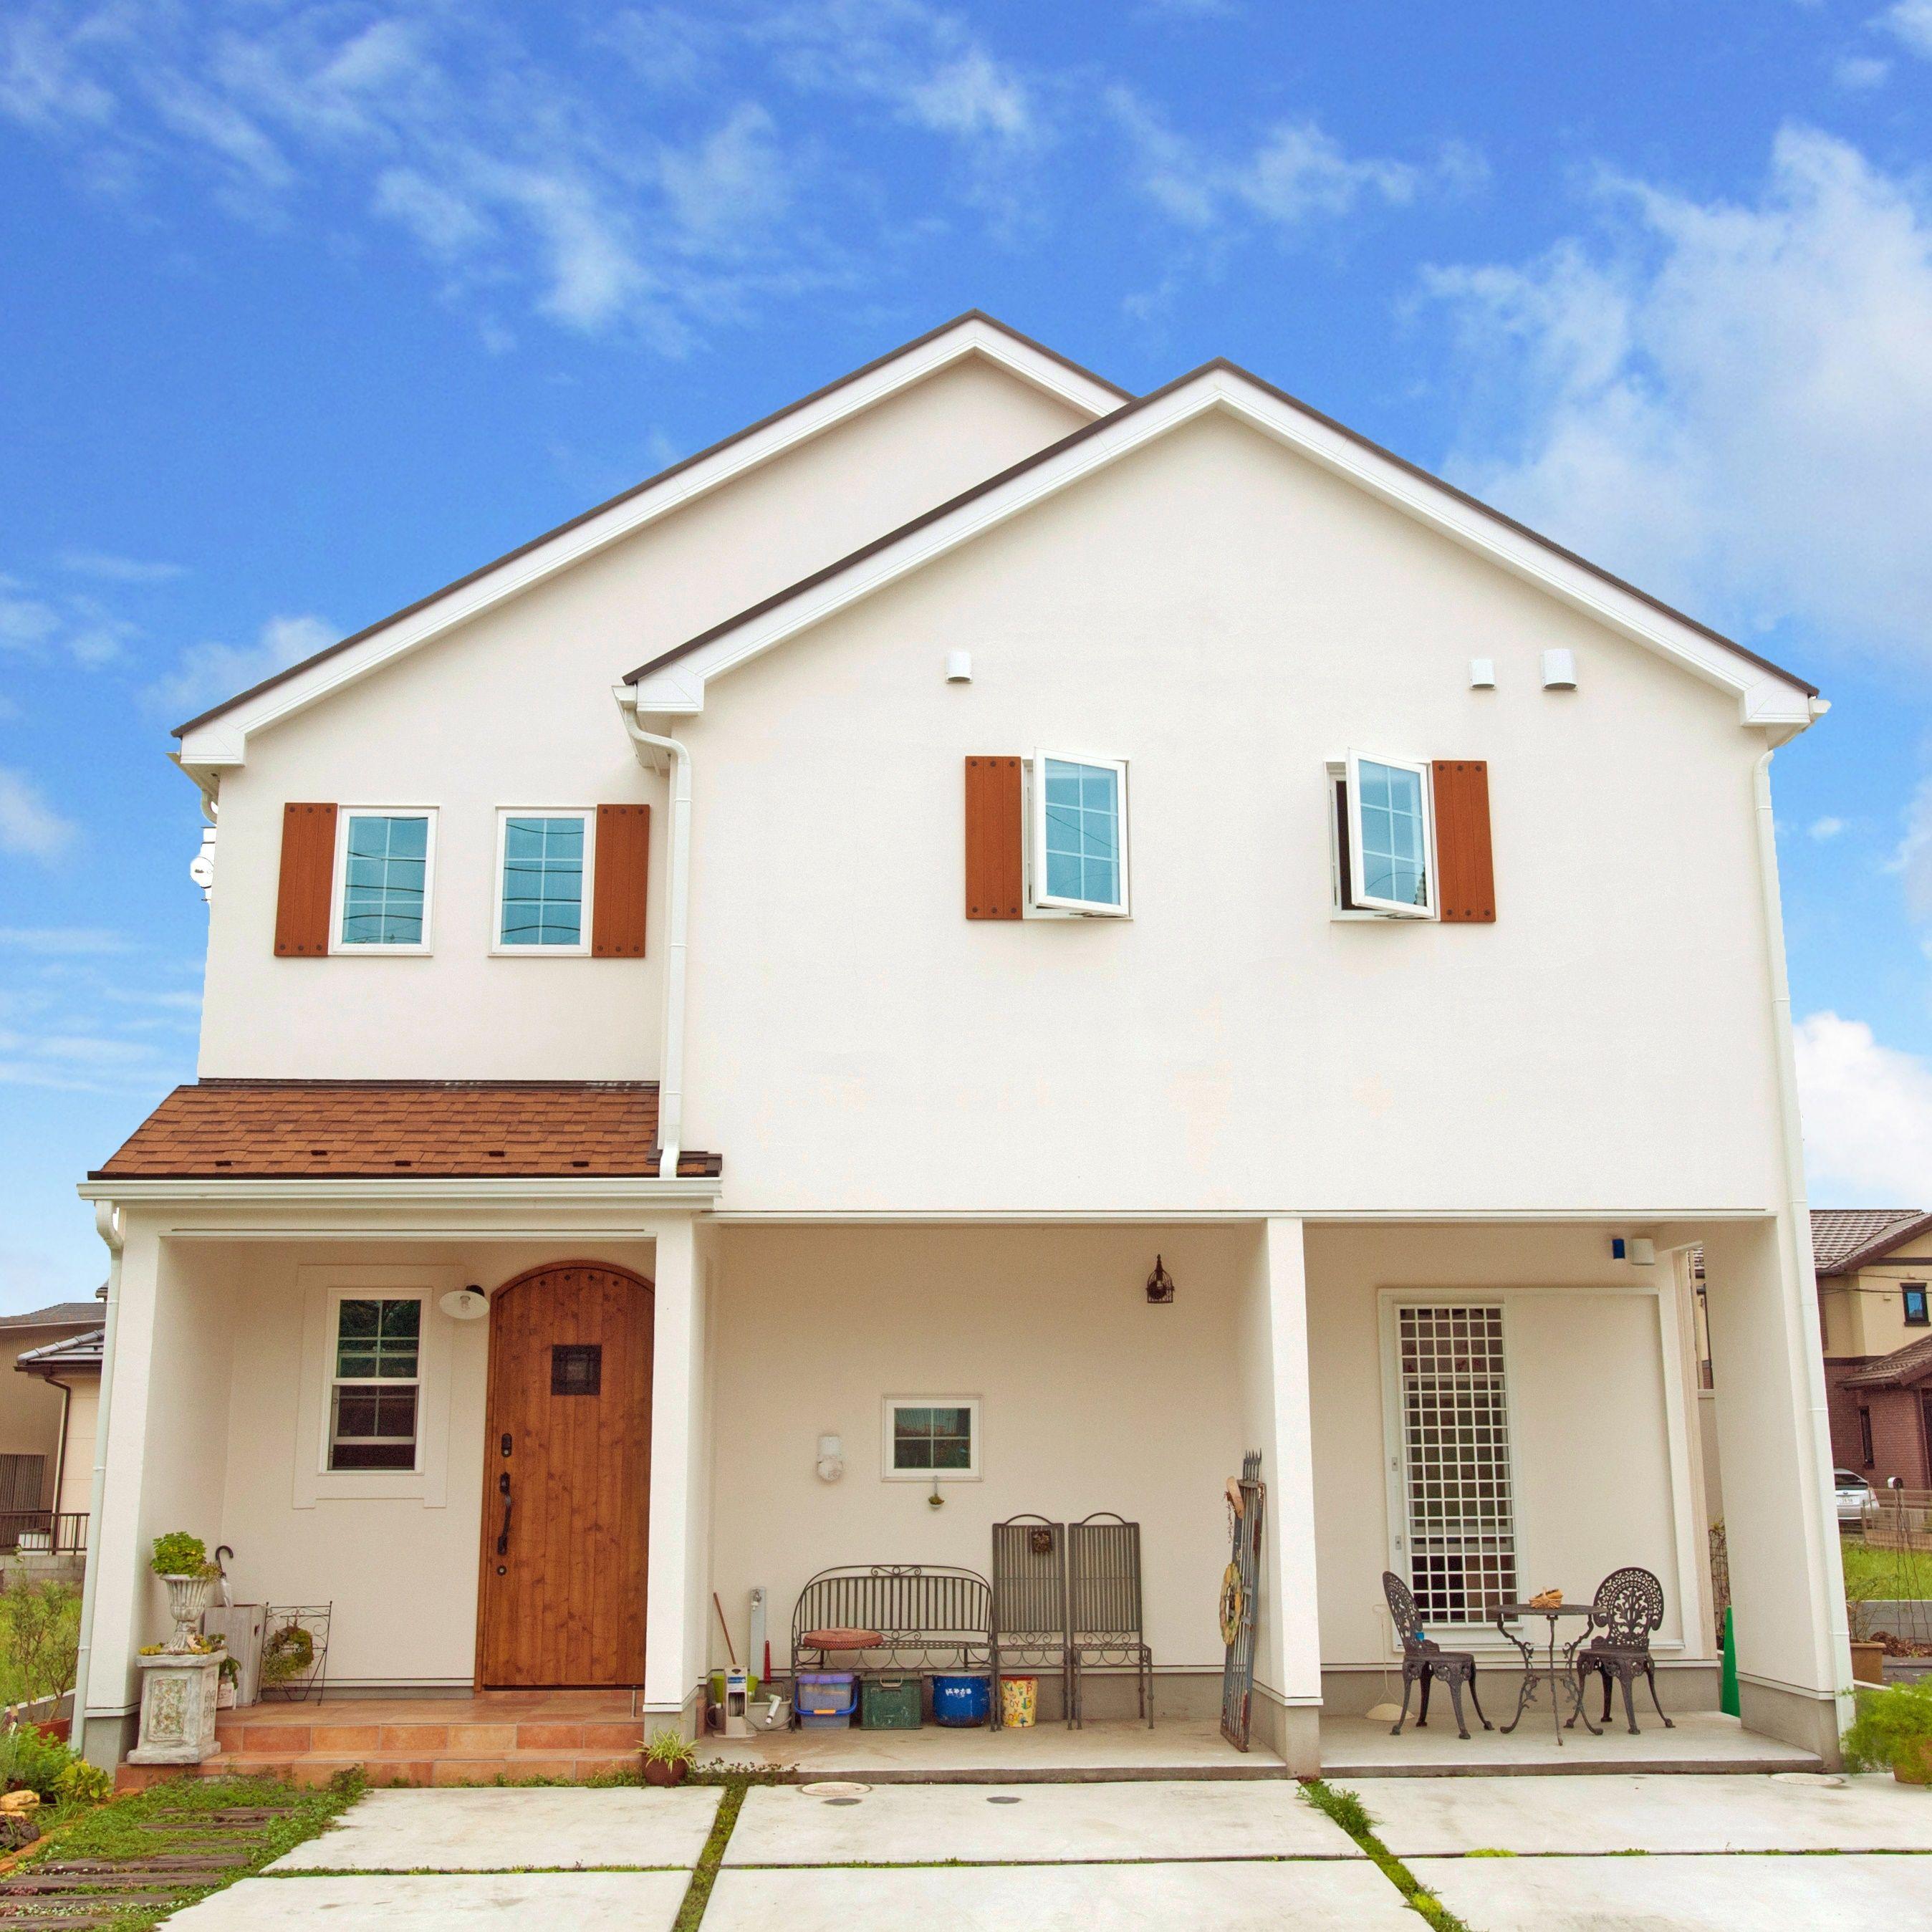 外観 株式会社コグマホーム ホームウェア 住宅 外観 かわいい家